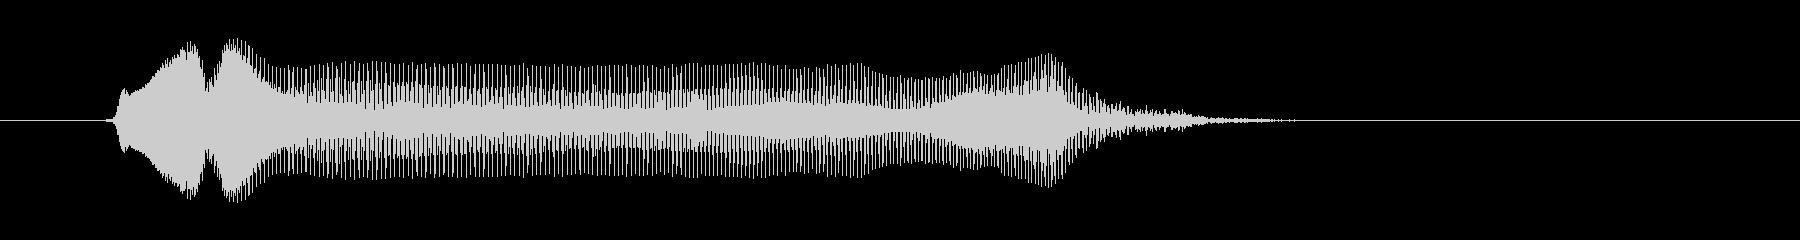 わ〜!の未再生の波形